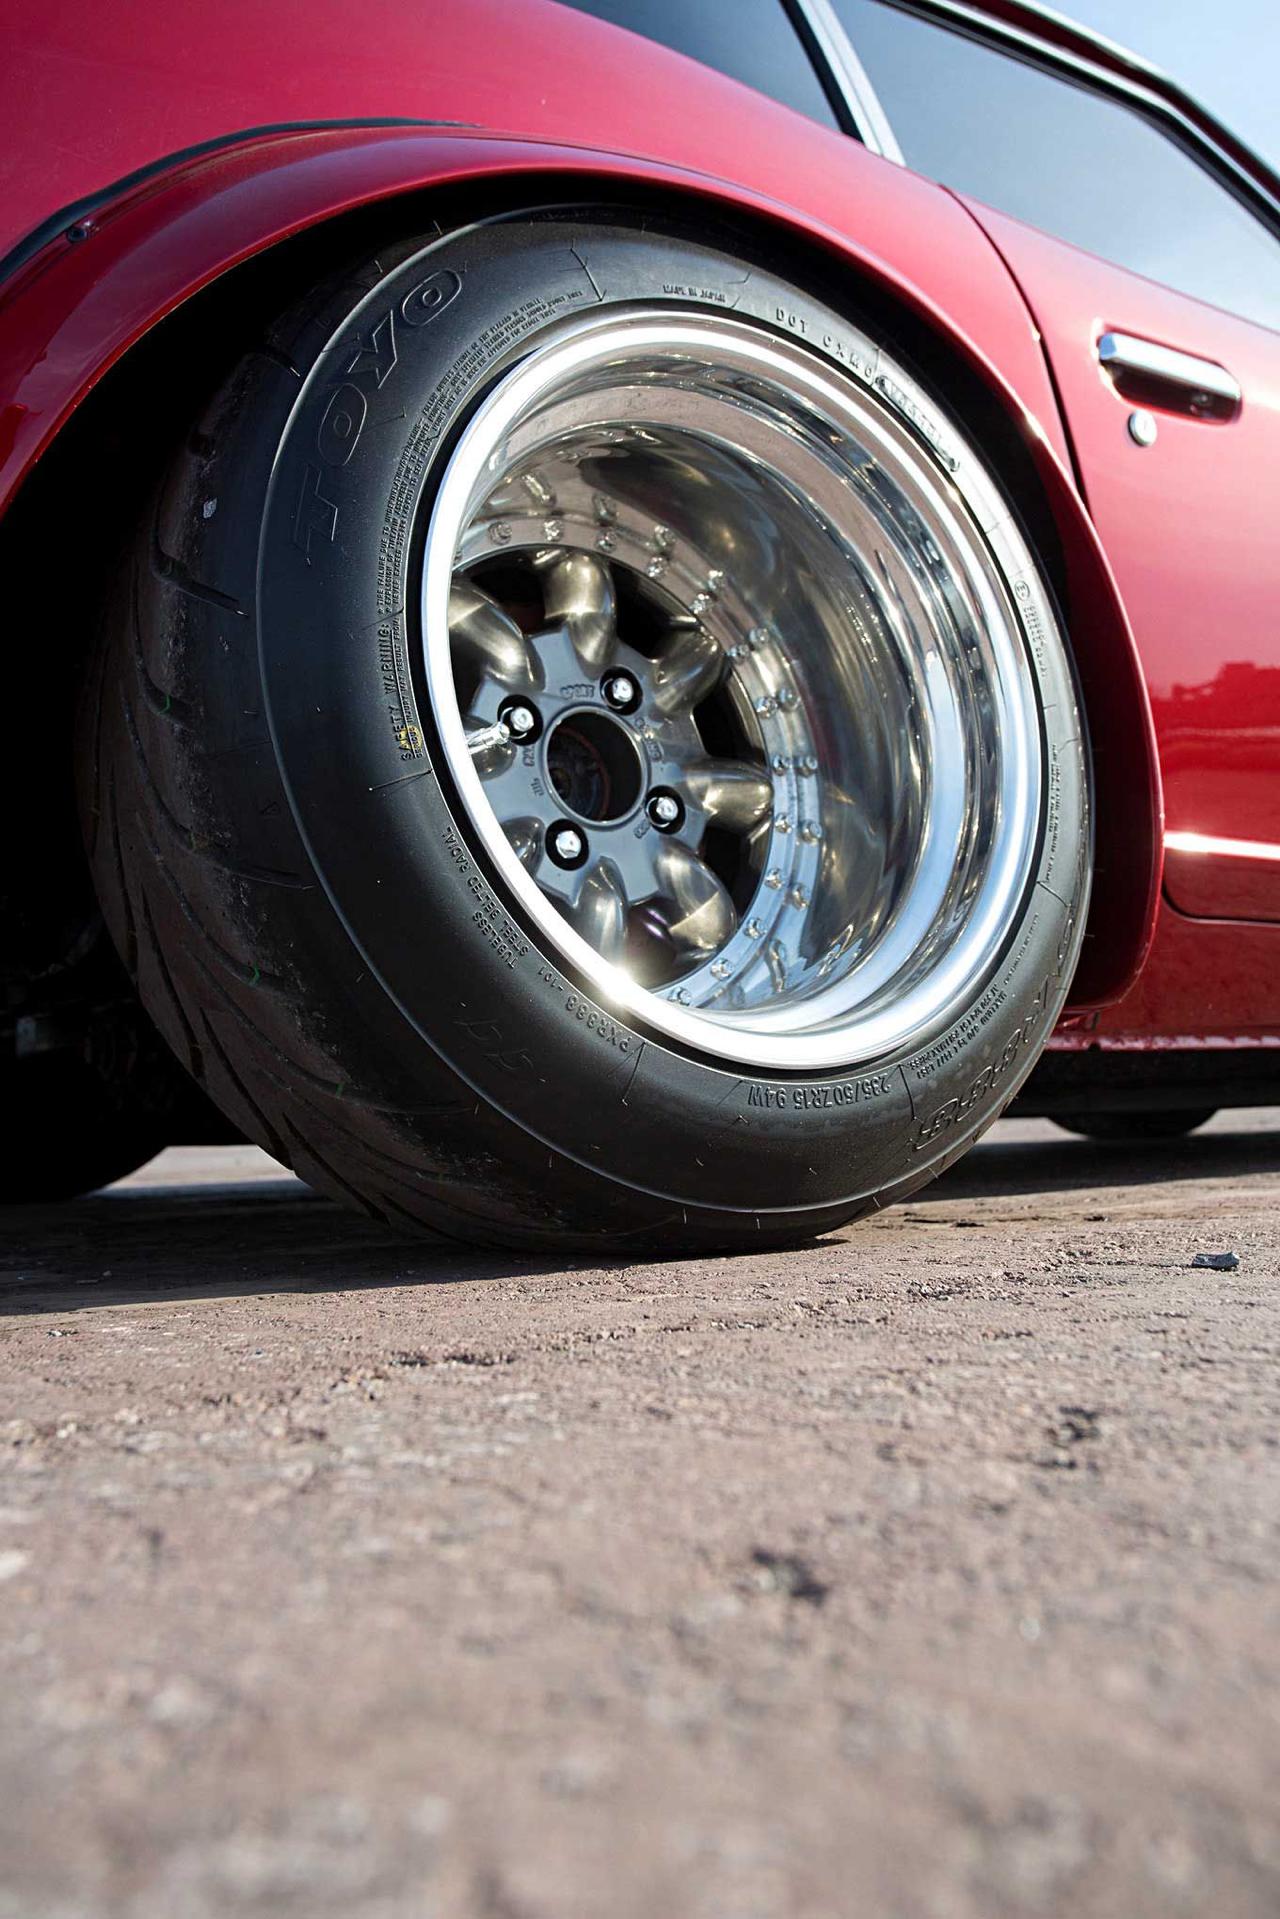 '77 Datsun 280Z - Street red Devil ! 7